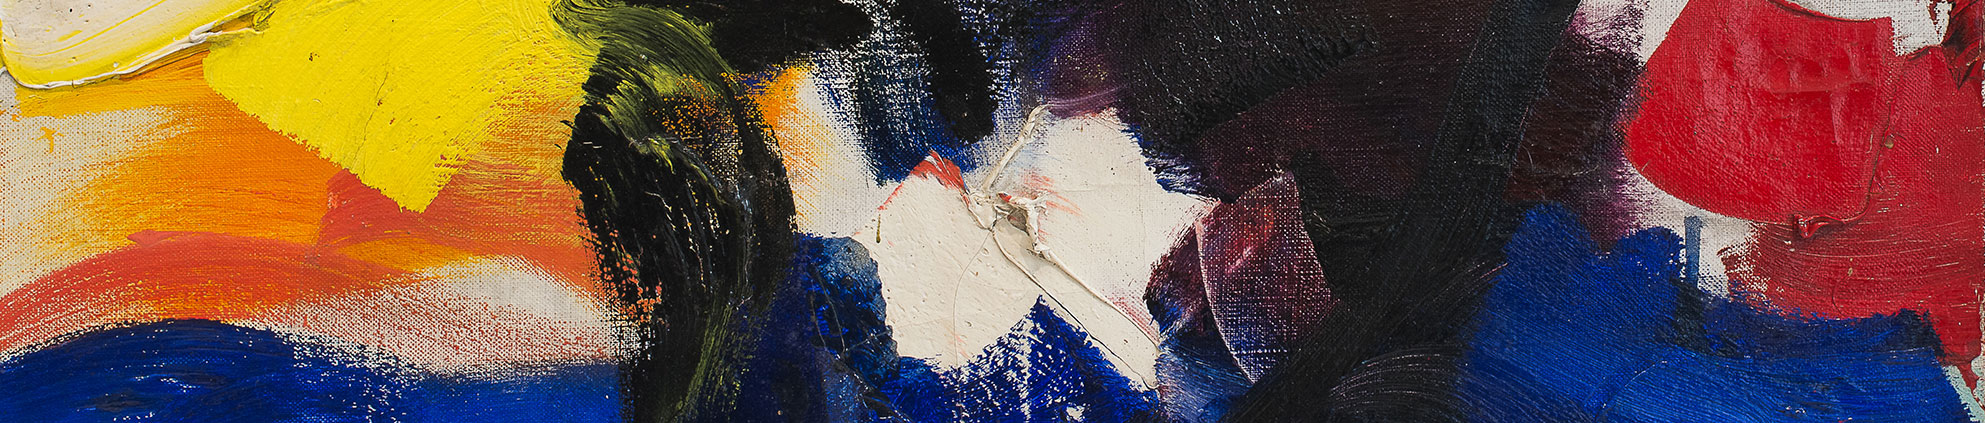 jean miotte - exhibition diane de polignac gallery